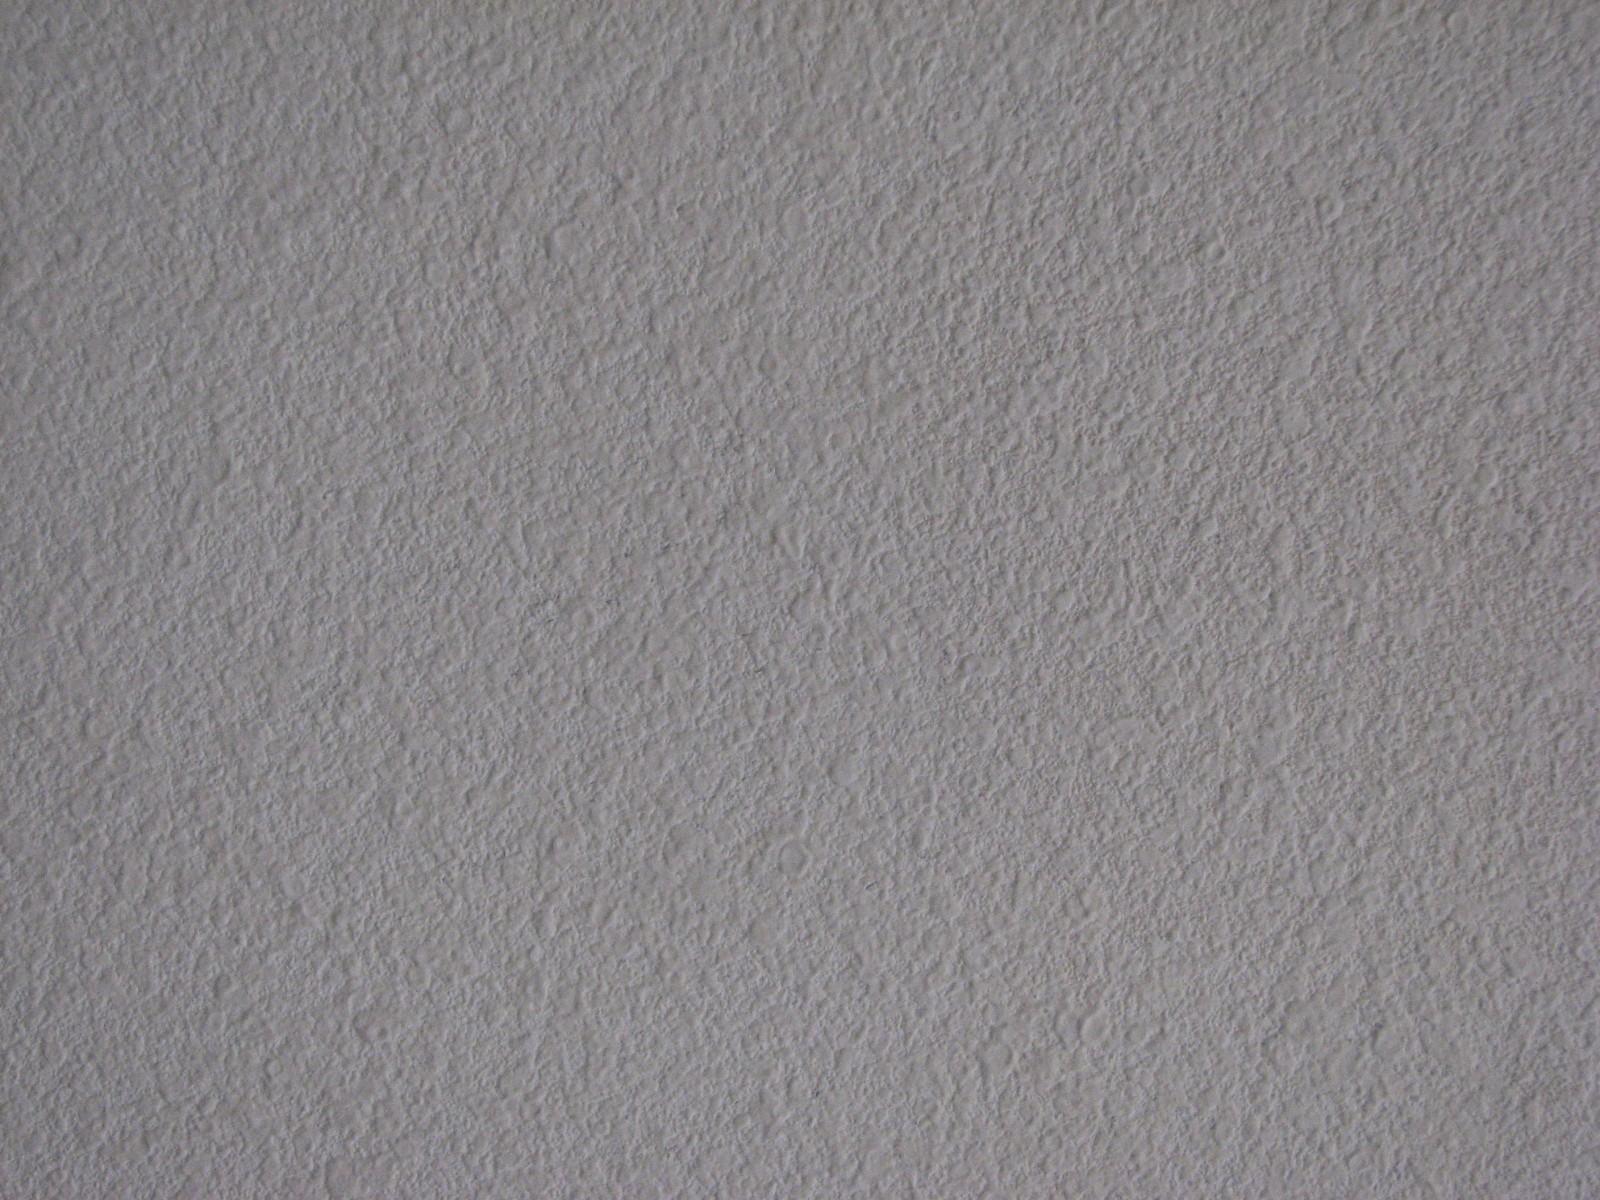 Dark Orange Peel Texture Orange Peel Texture Peck Drywall Painting Orange Peel Texture Roller Home Depot Orange Peel Texture Repair houzz-02 Orange Peel Texture